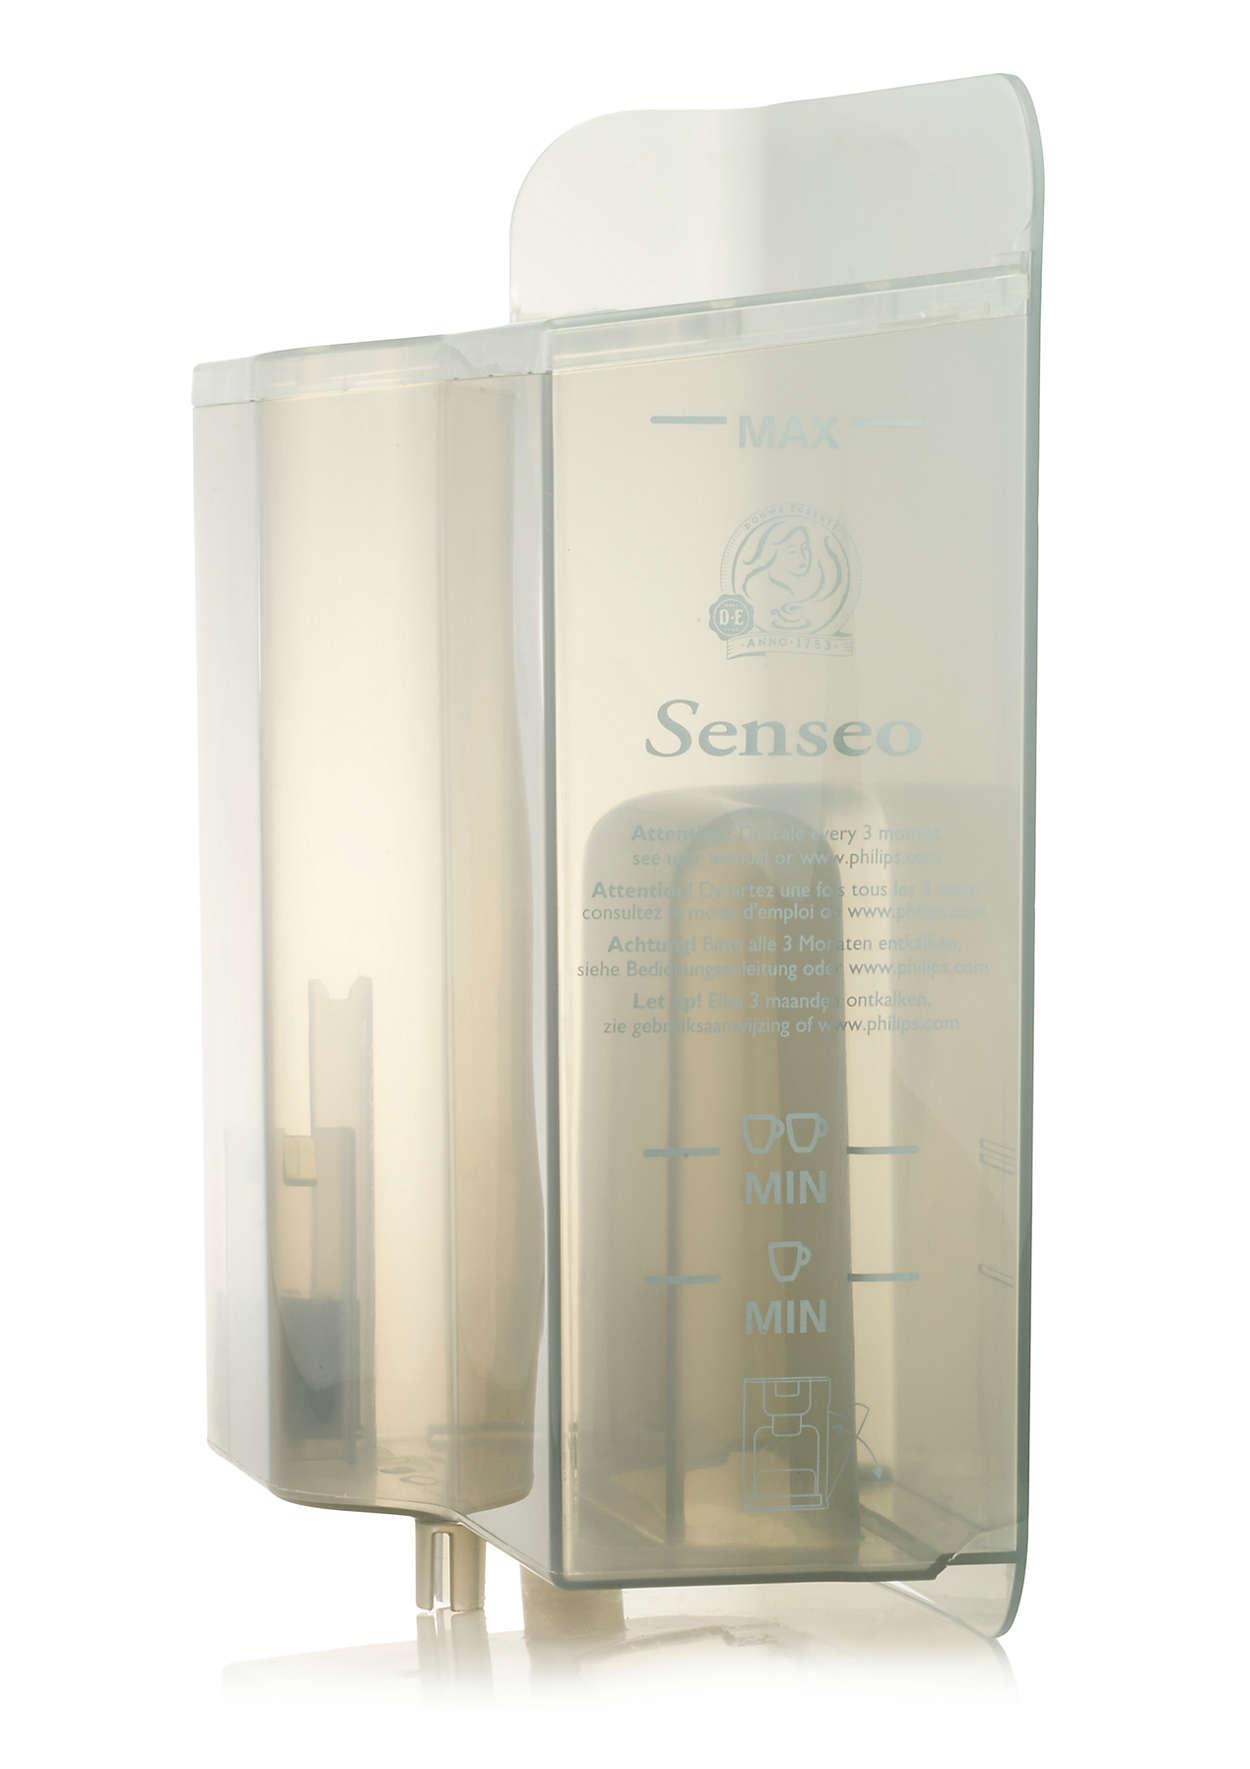 Pour le stockage de l'eau dans la machine à café SENSEO®